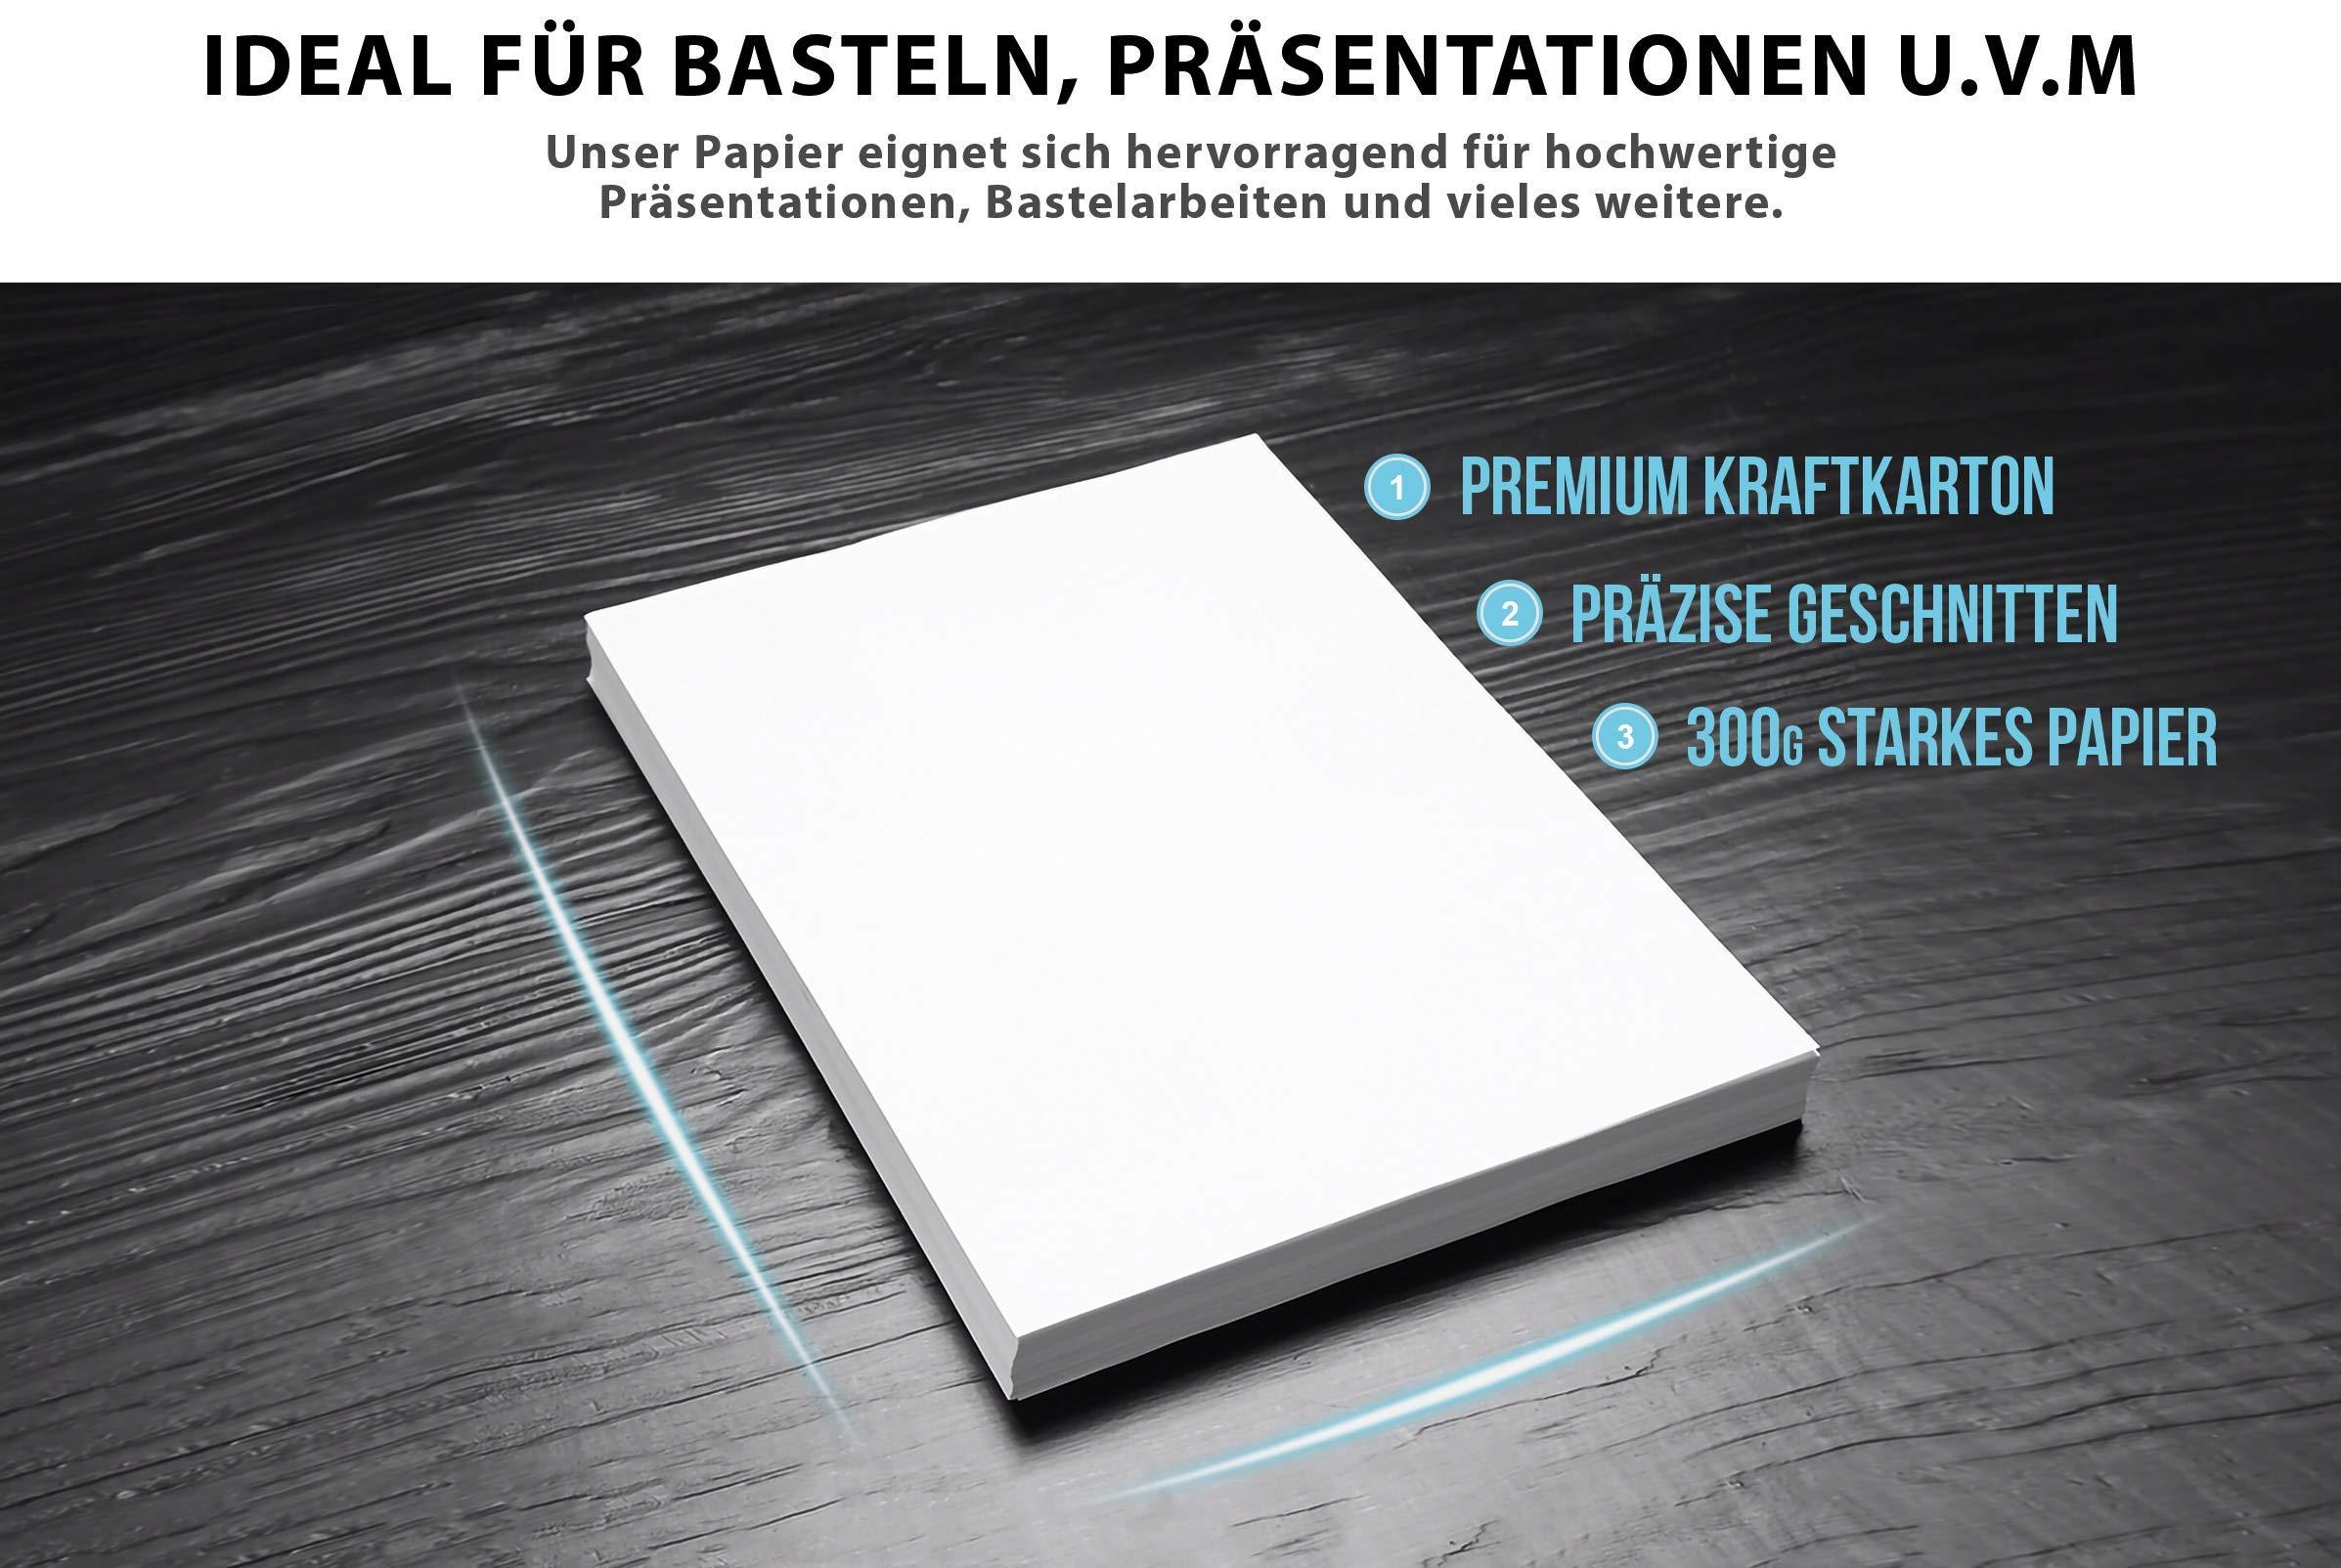 50 BLANCO cartón artesanal 300 g/m² - PAPEL PREMIUM blanco puro - A4-21 x 29,7 cm - papel de impresión blanco sin imprimir para fotografía, presentaciones, manualidades, scrapbooking, cartón: Amazon.es: Oficina y papelería